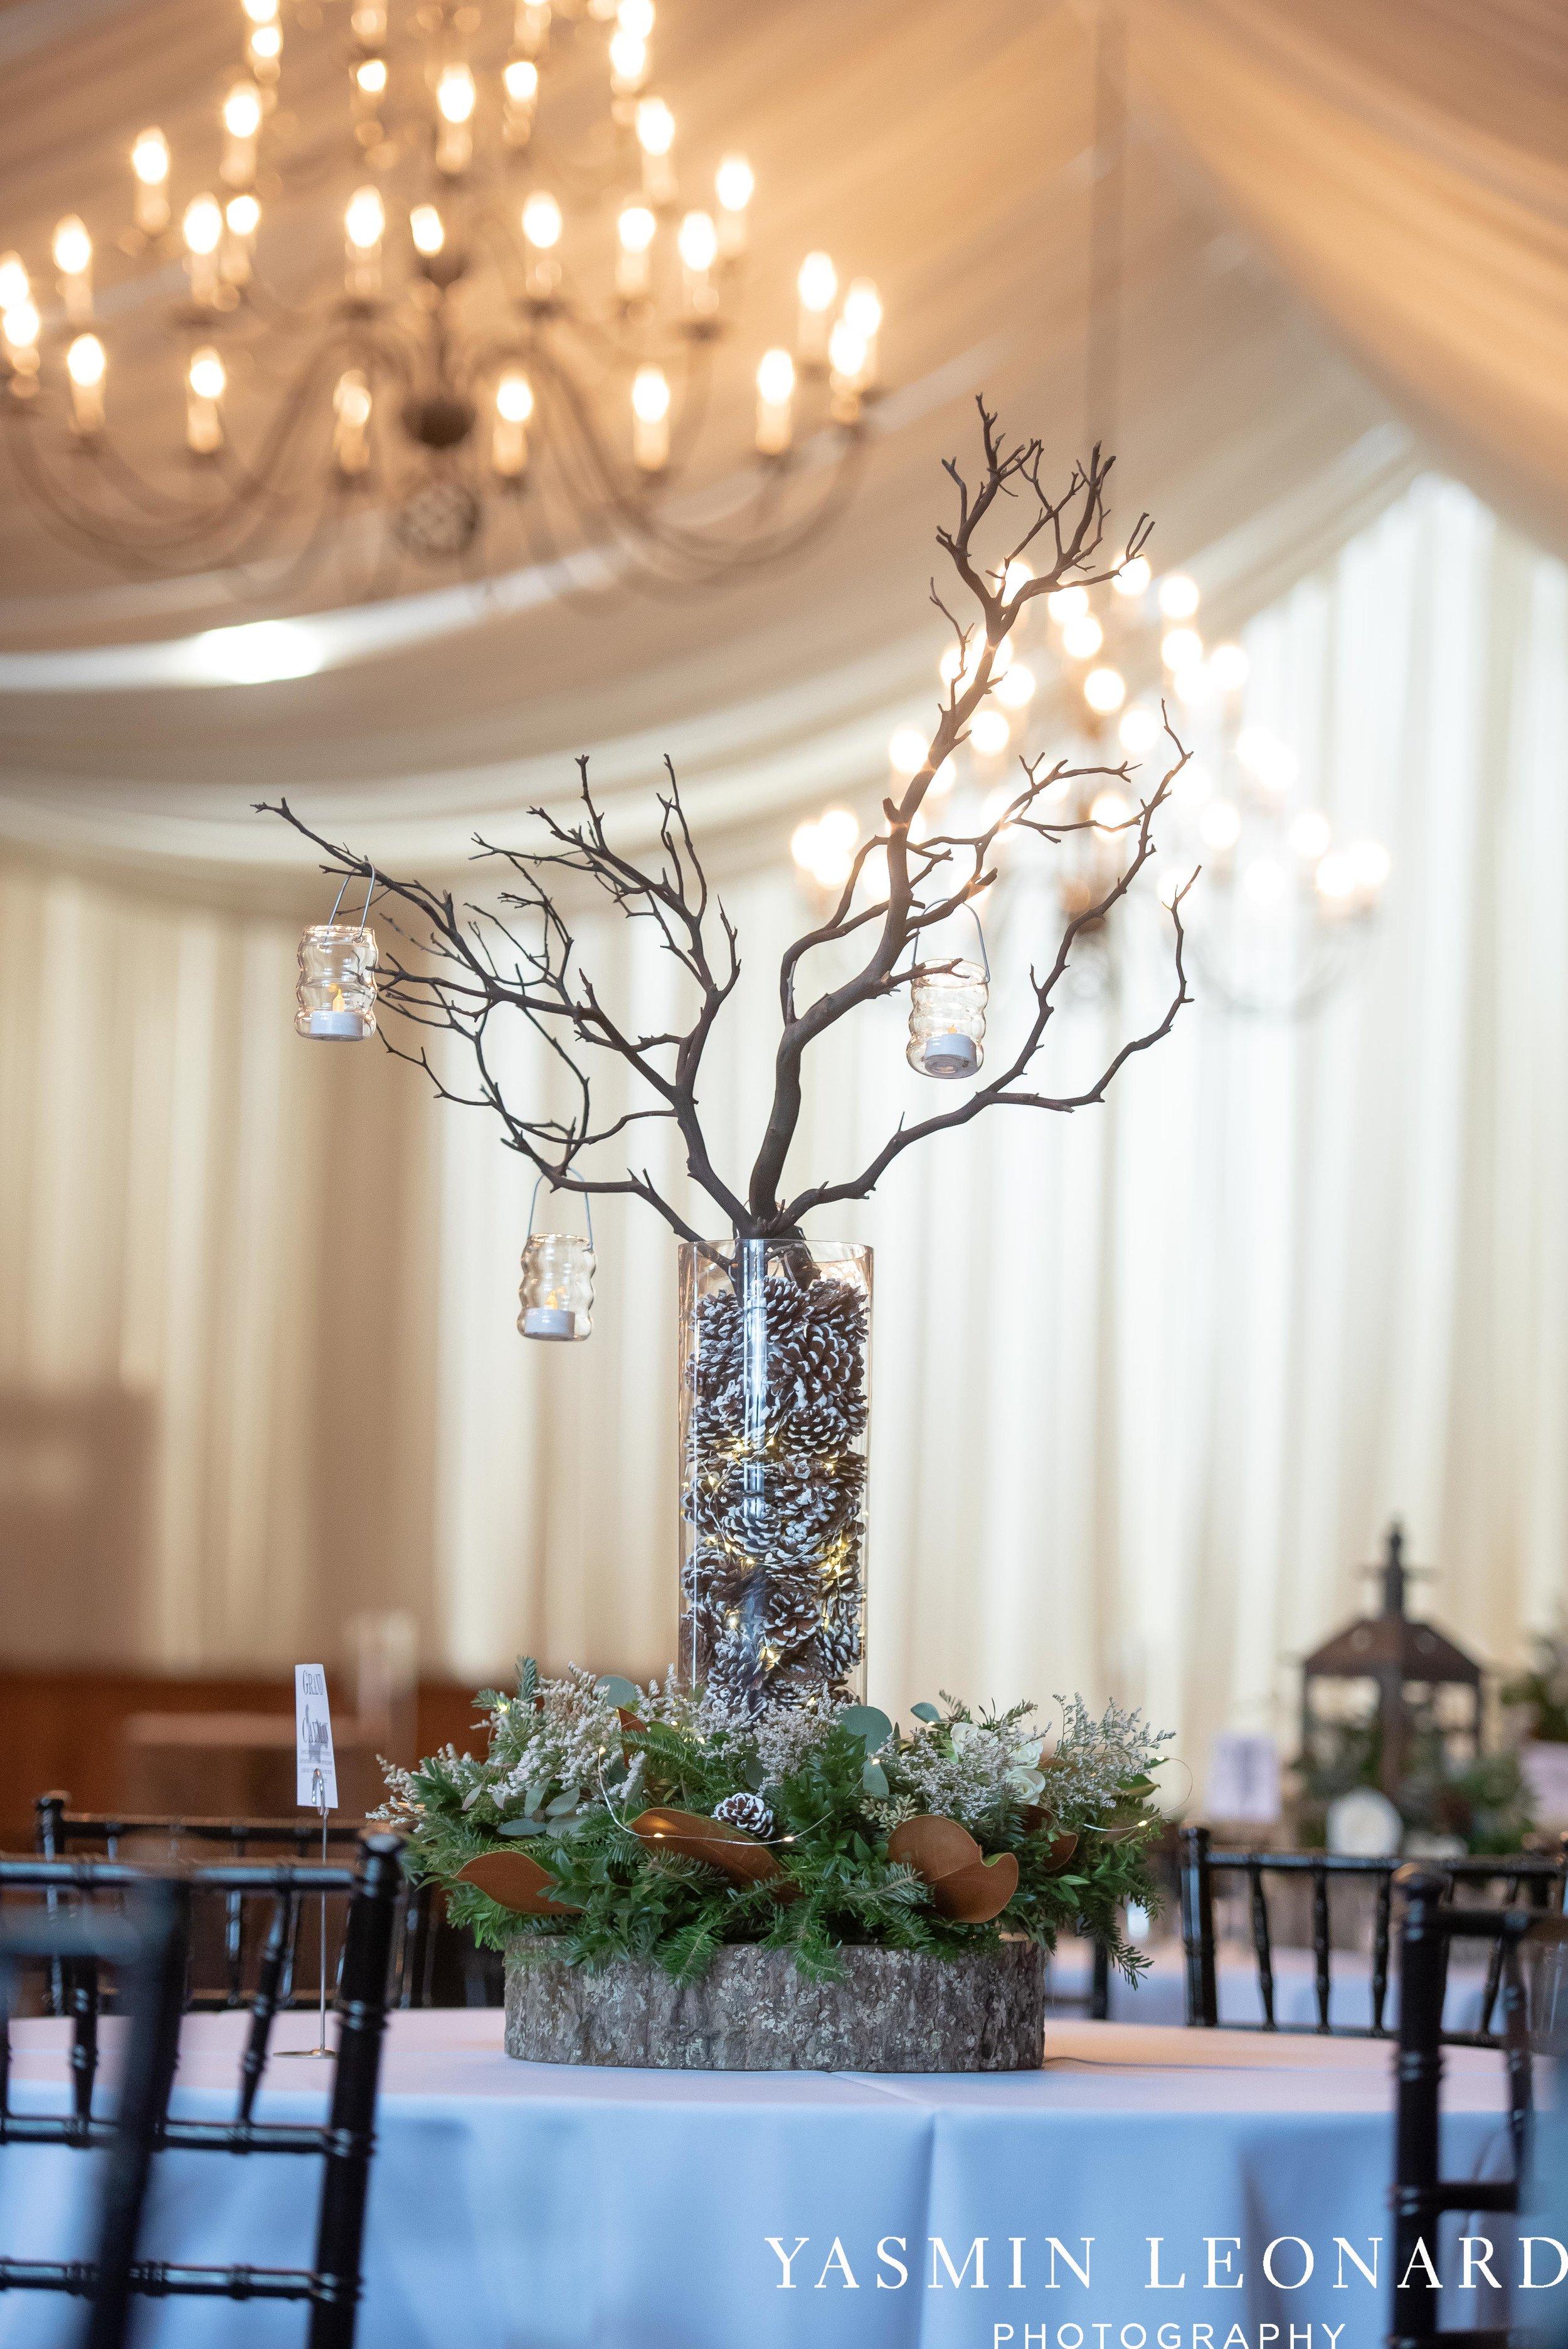 Adaumont Farm - Wesley Memorial Weddings - High Point Weddings - Just Priceless - NC Wedding Photographer - Yasmin Leonard Photography - High Point Wedding Vendors-21.jpg